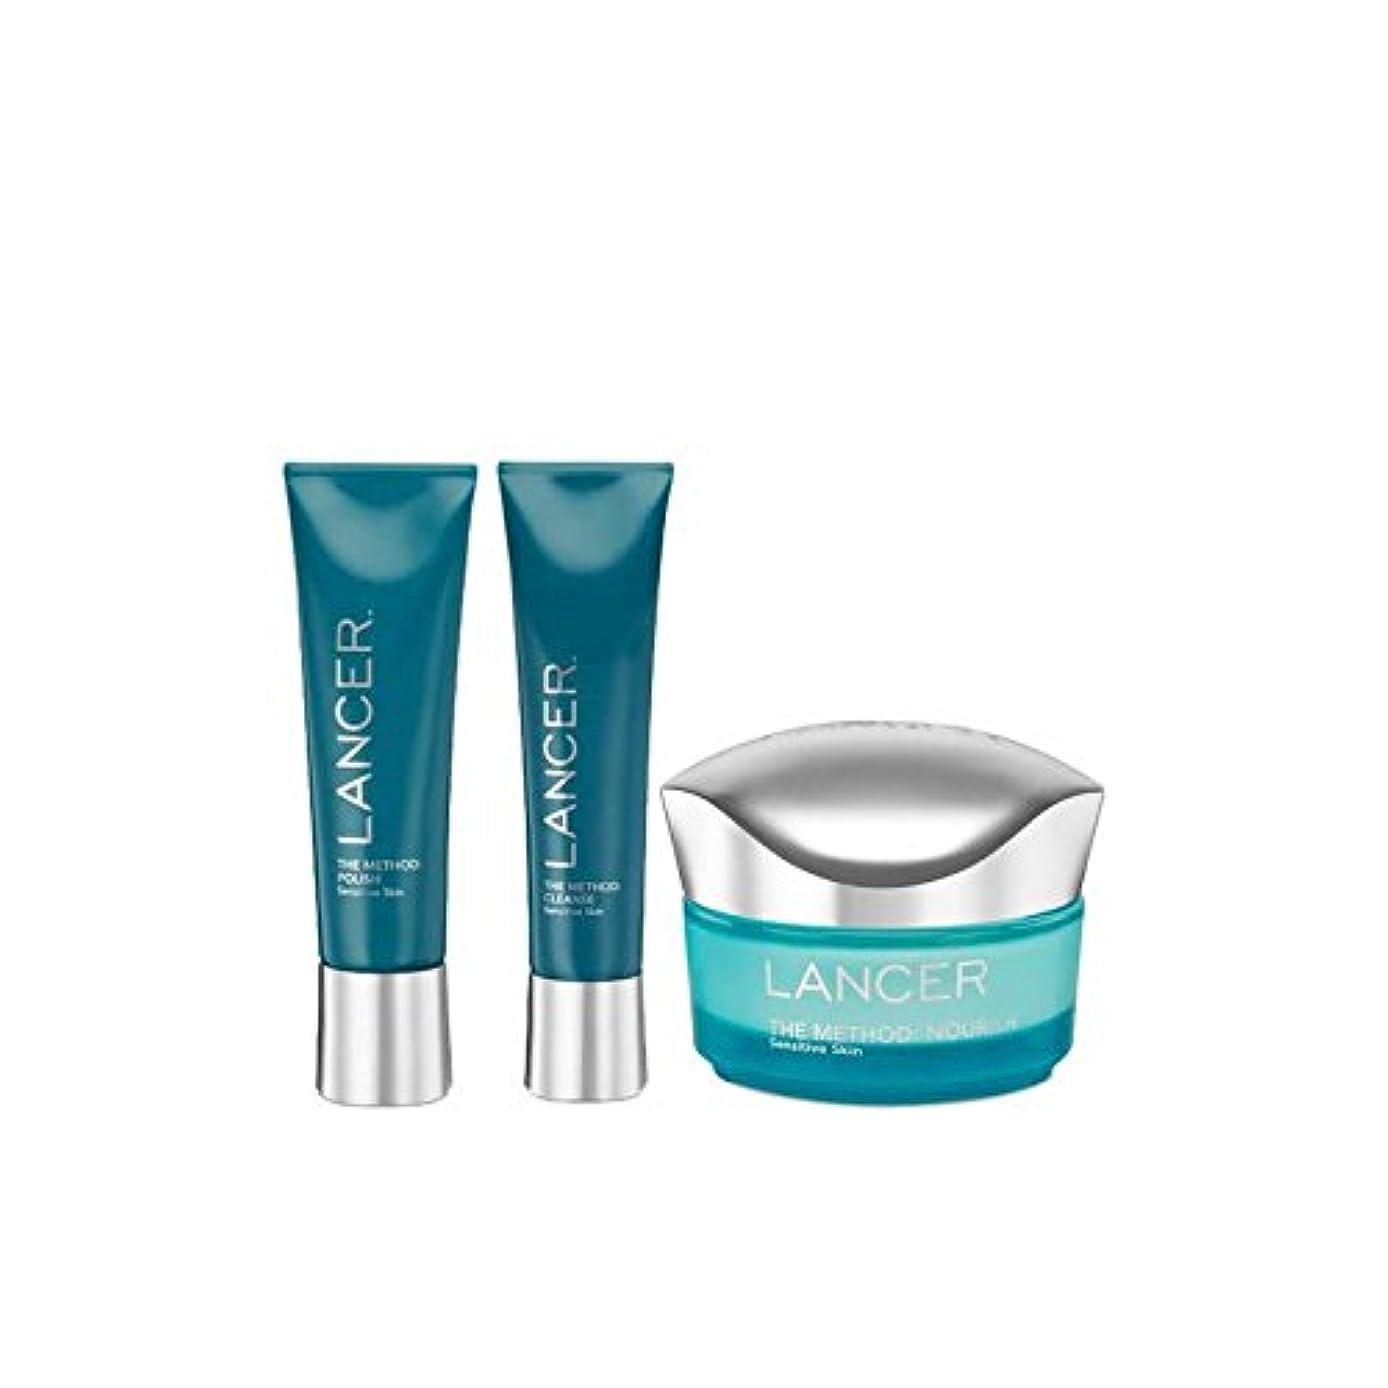 苦カカドゥ脳Lancer Skincare The Lancer Method Sensitive - ランサーランサー方法が敏感スキンケア [並行輸入品]